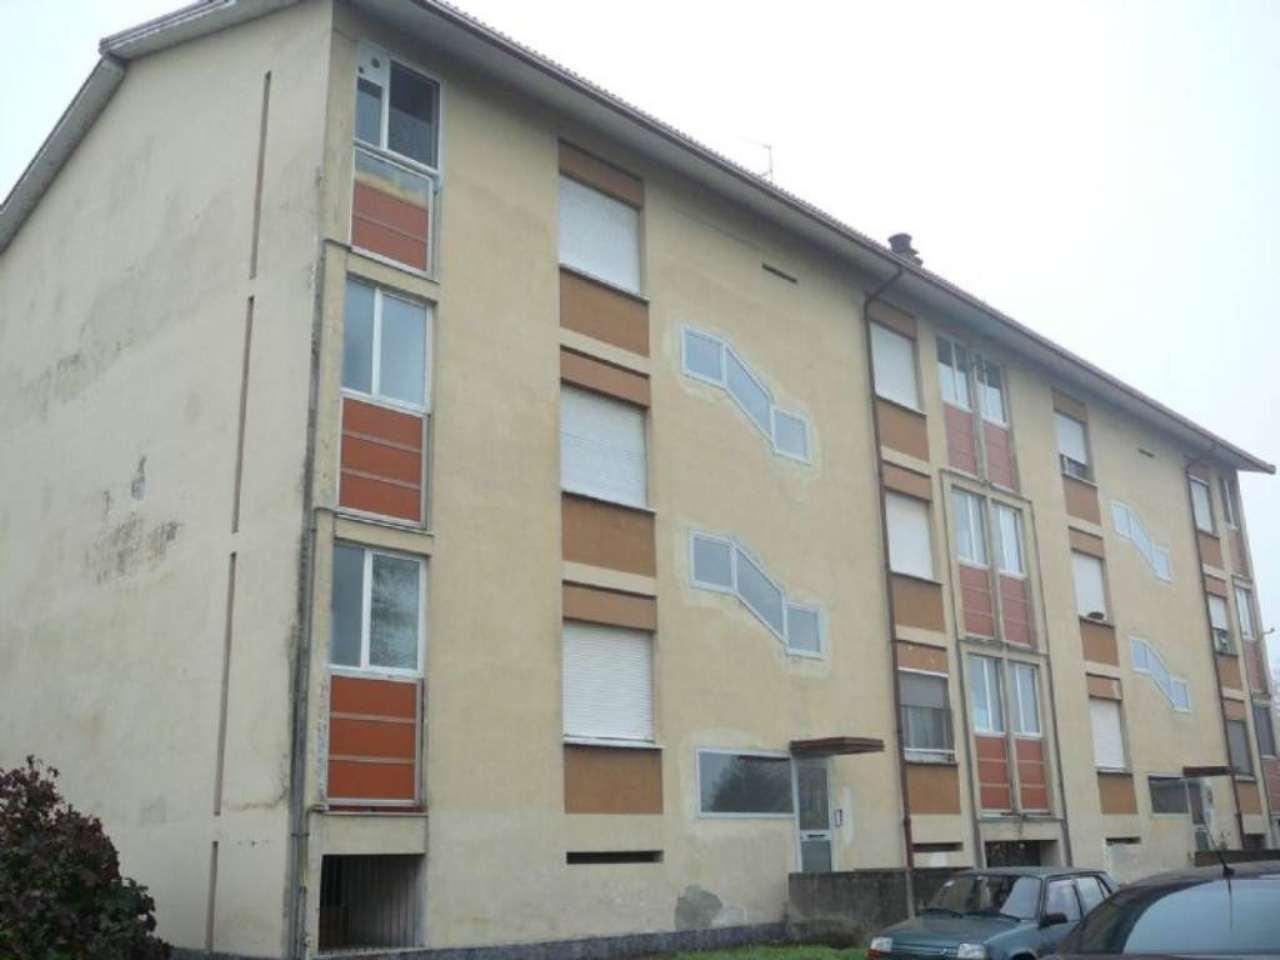 Bilocale Casale Monferrato Viale Guglielmo Marconi 10